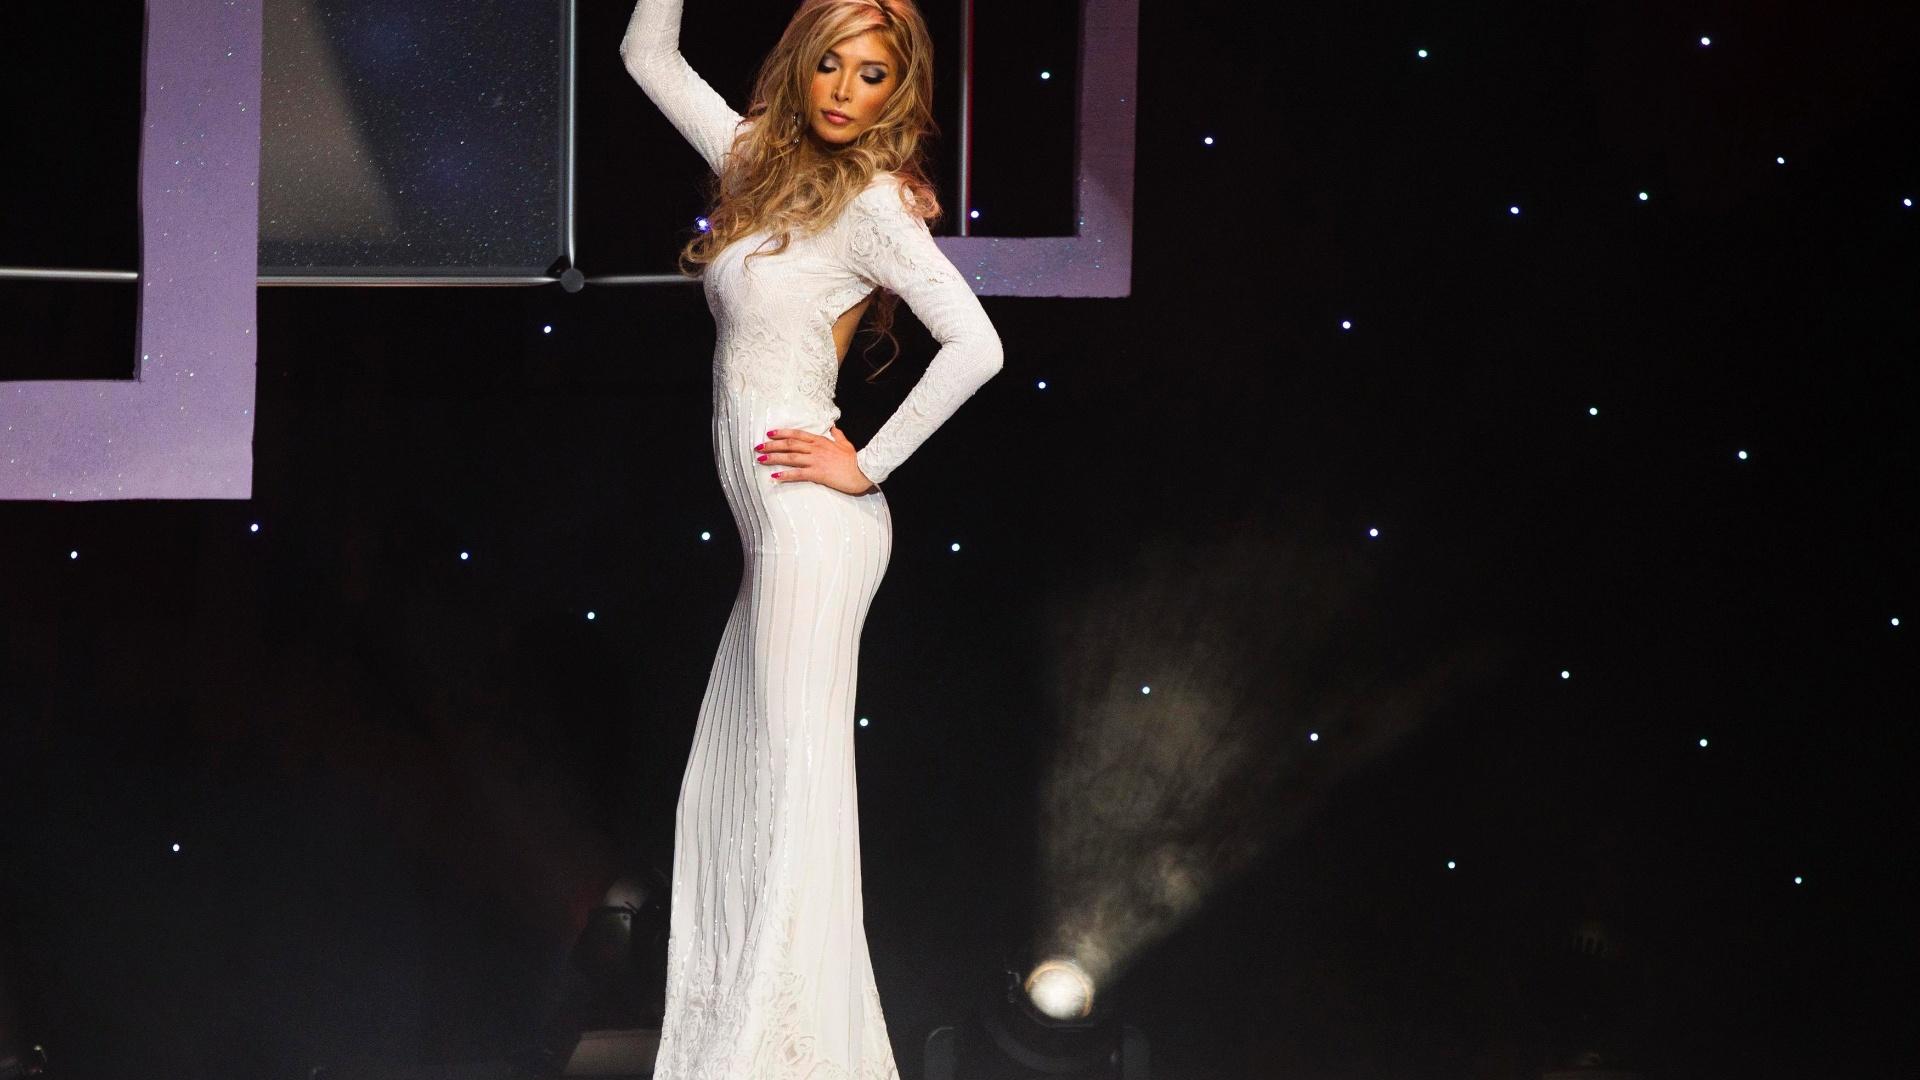 20.mai.2012 - Transexual Jenna Talackova ficou entre as 12 finalistas do Miss Universo Canadá, realizado na noite de sábado (19), e empatou com outras três candidatas na escolha da Miss Simpatia deste ano. A vencedora da noite foi Sahar Biniaz, 26, que vai representar o Canadá no Miss Universo 2012